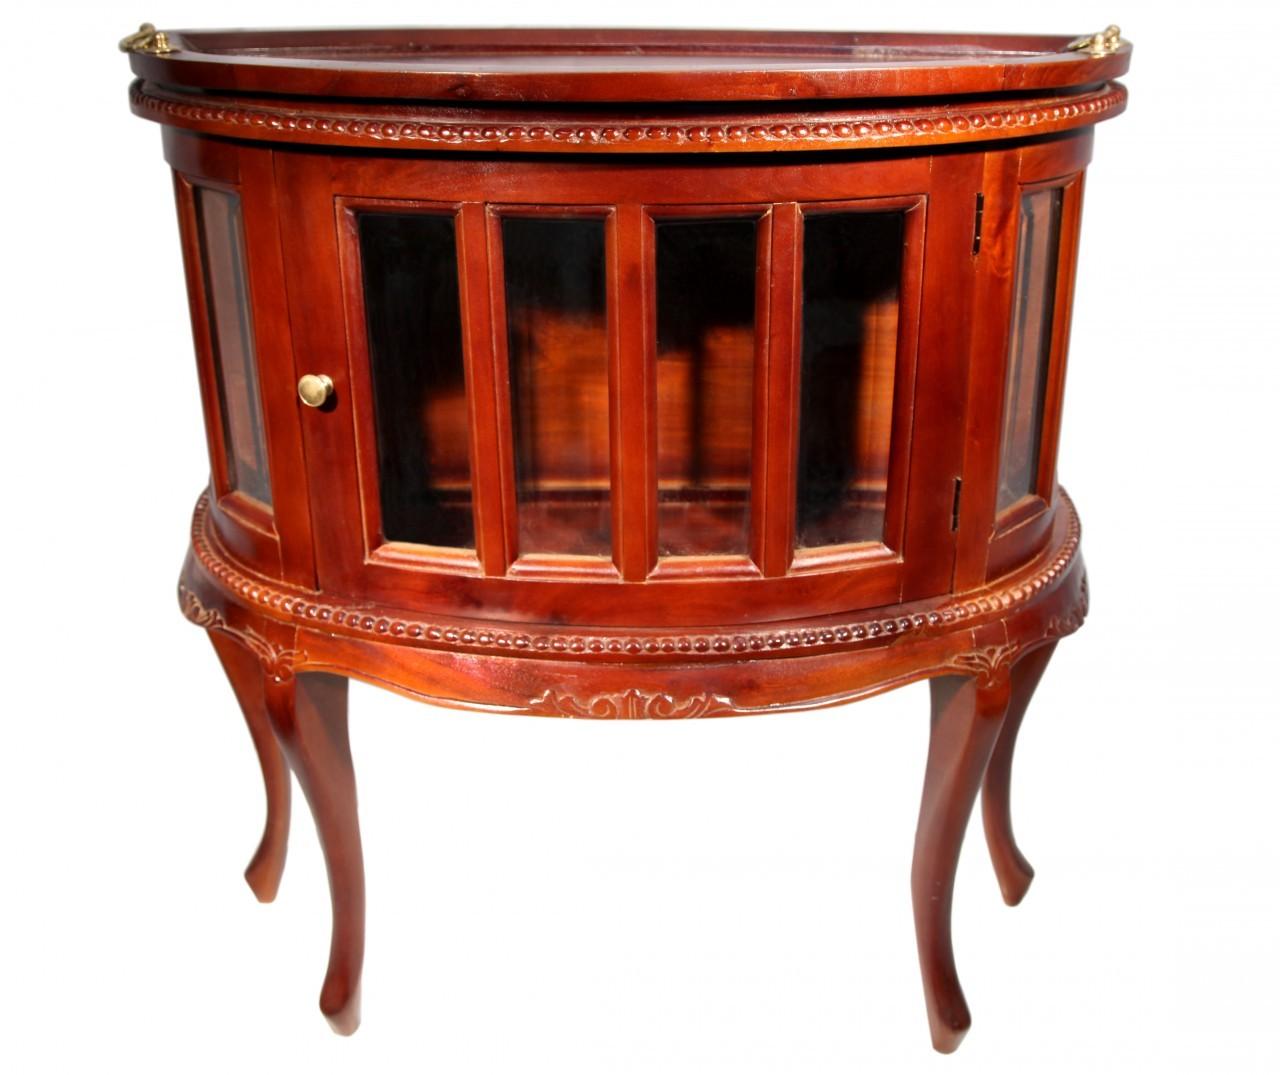 Antique furniture reproductions antique furniture reproductions - Filename Antique Reproduction Furniture 8 Jpg